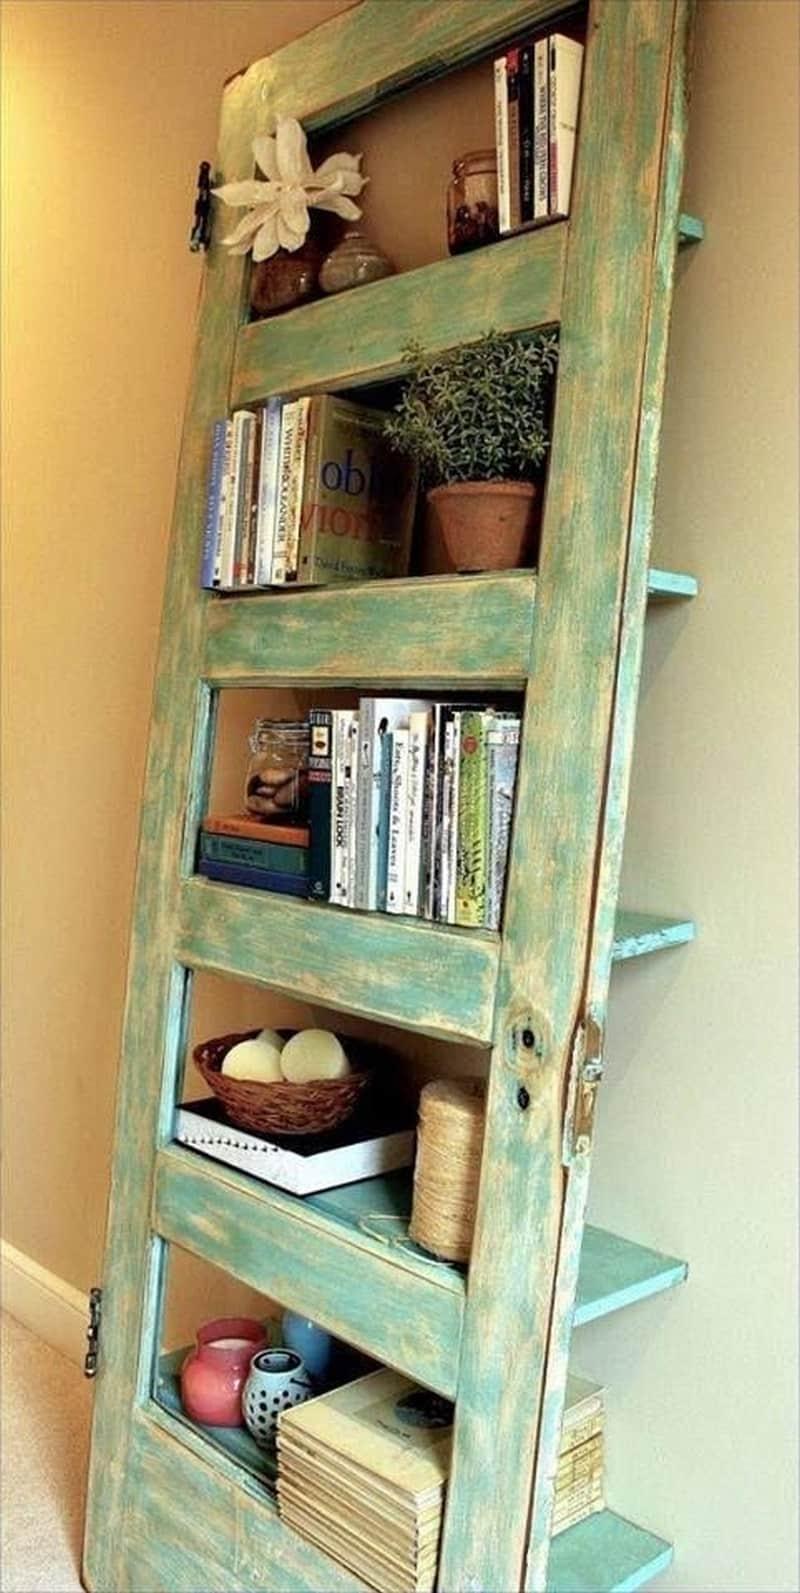 Old door to leaning bookshelf